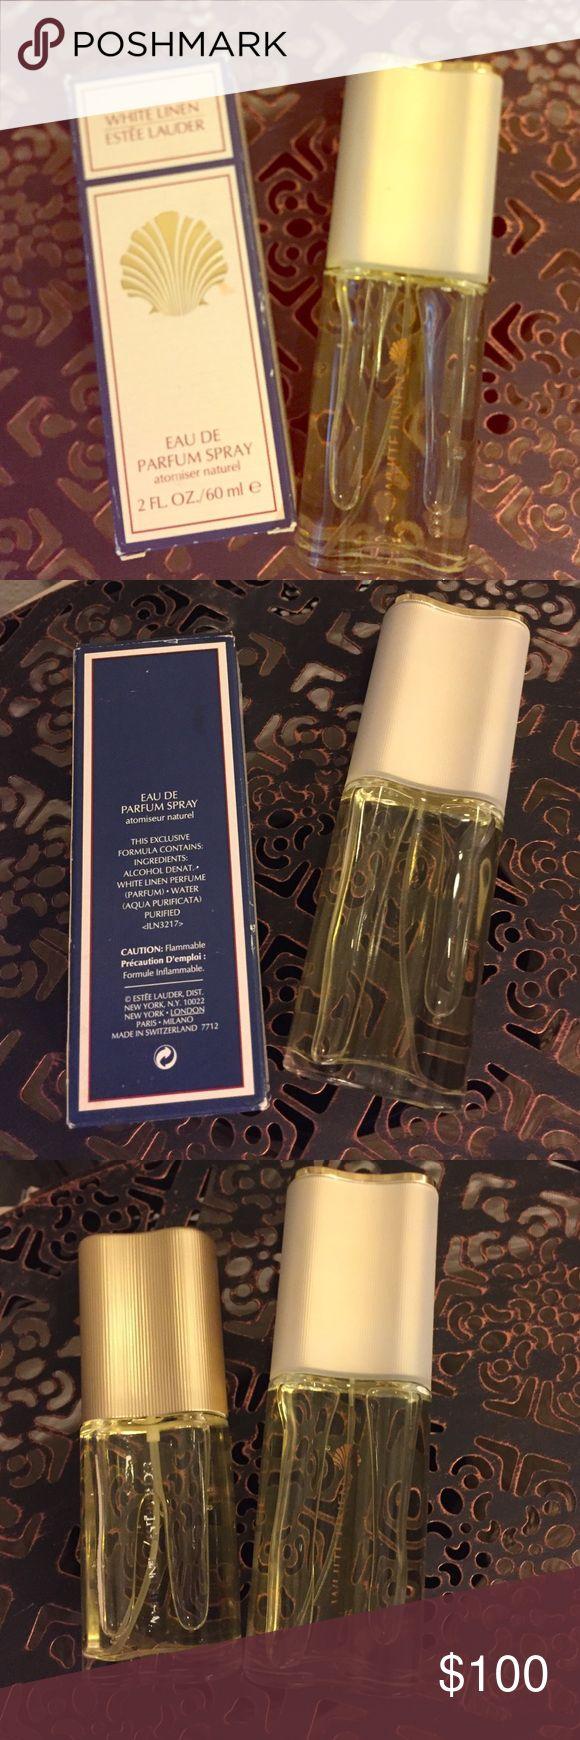 Estée Lauder White Linen Never been used - 2fl oz and 3fl oz bottles of Estée Lauder White Linen Eau de Parfum - price is for the 2 of them 🚫no trades🚫 Estee Lauder Makeup